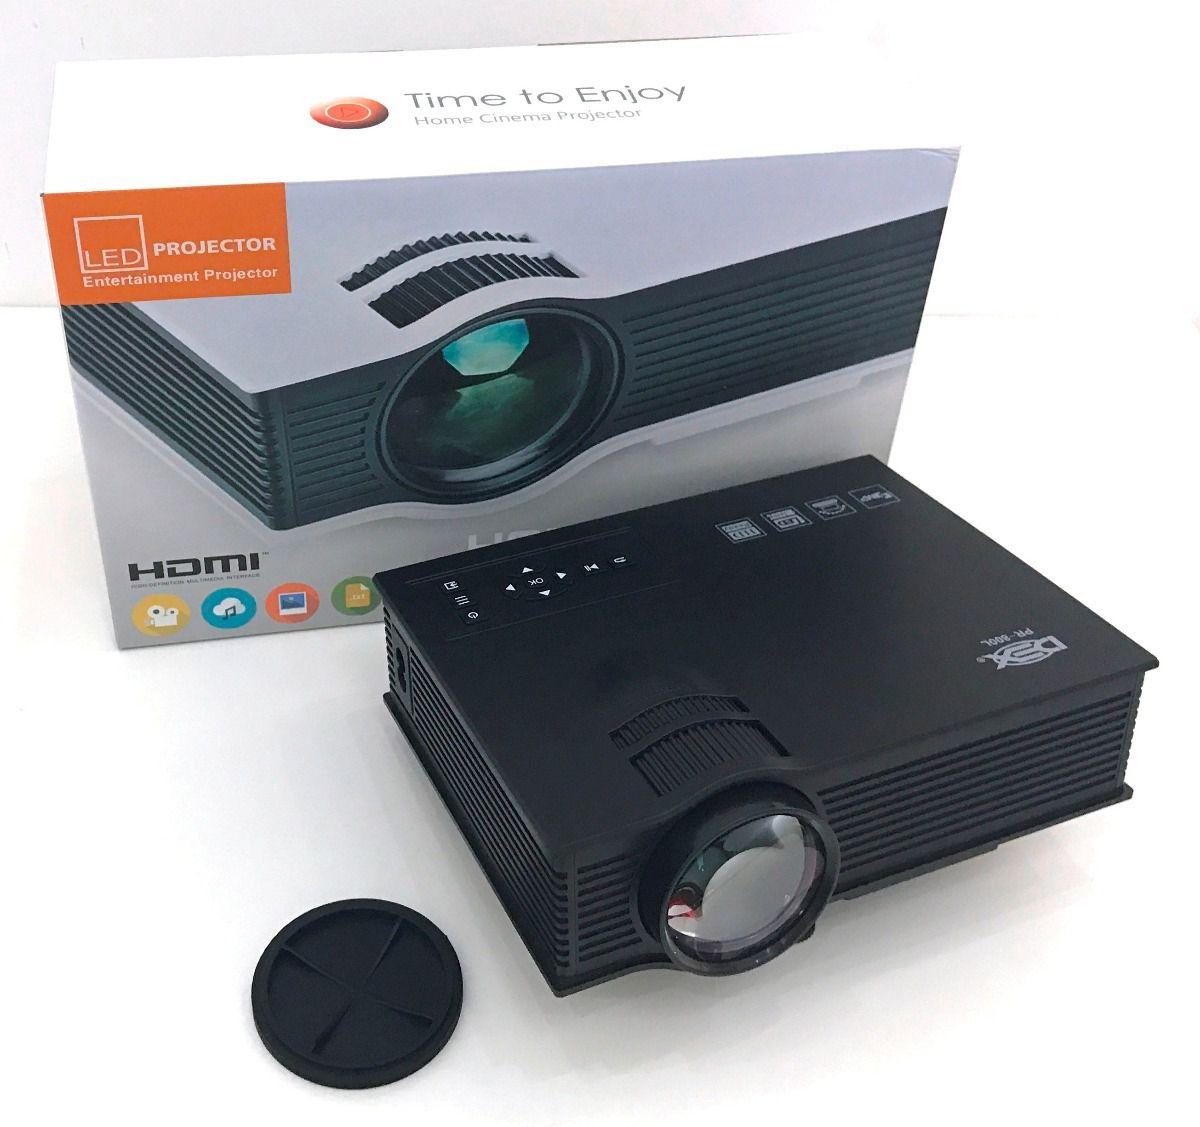 Mini Projetor Portátil Led 800 Lumes Hdmi Usb Vga PR-800L